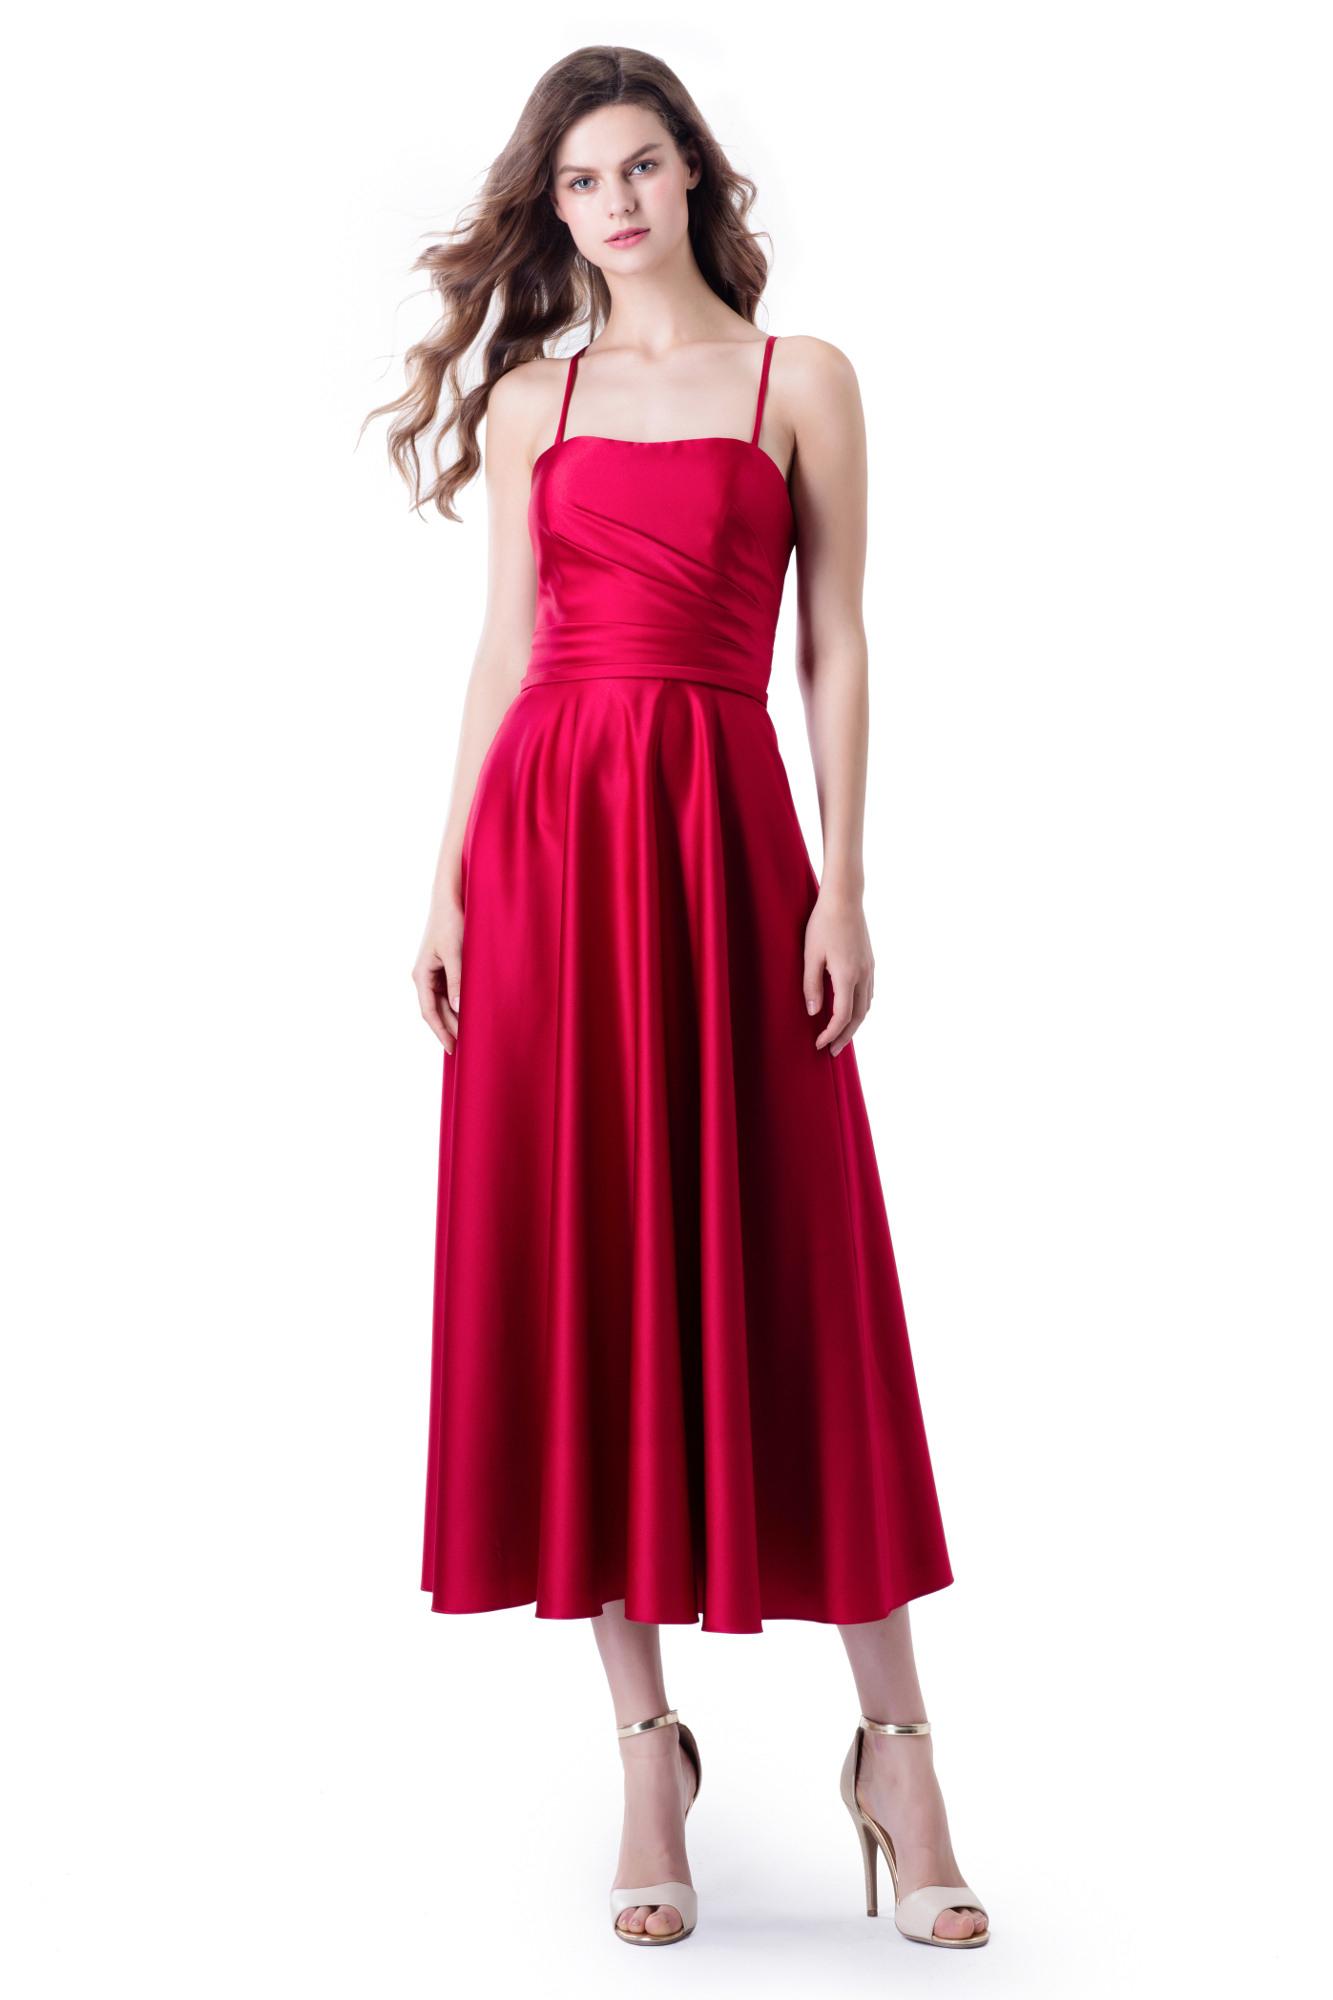 Midi Kleid Aus Satin Mit Corsagenoberteil In Rot  Mode